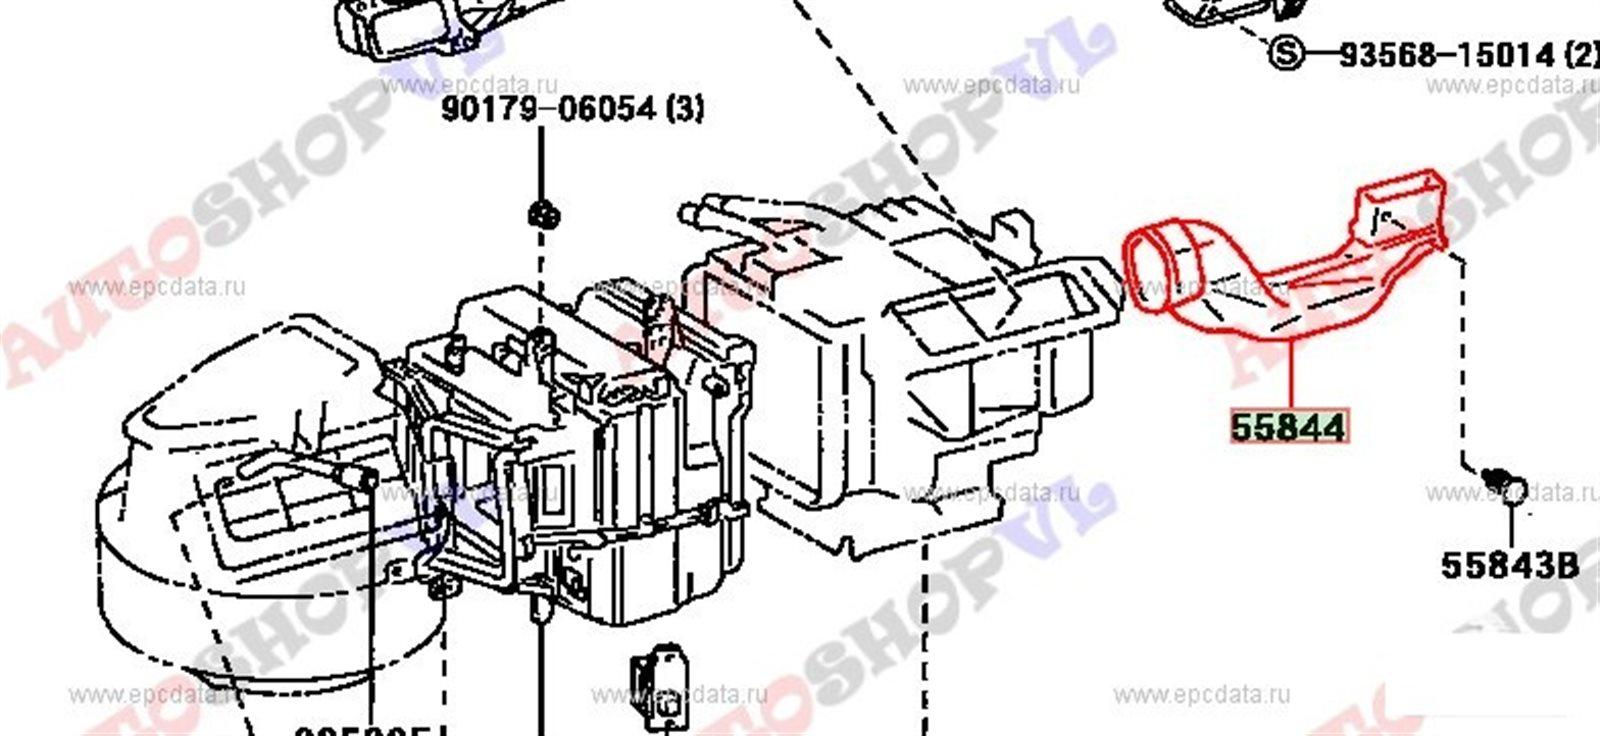 Воздуховод Toyota Corolla Ceres AE101 (б/у)